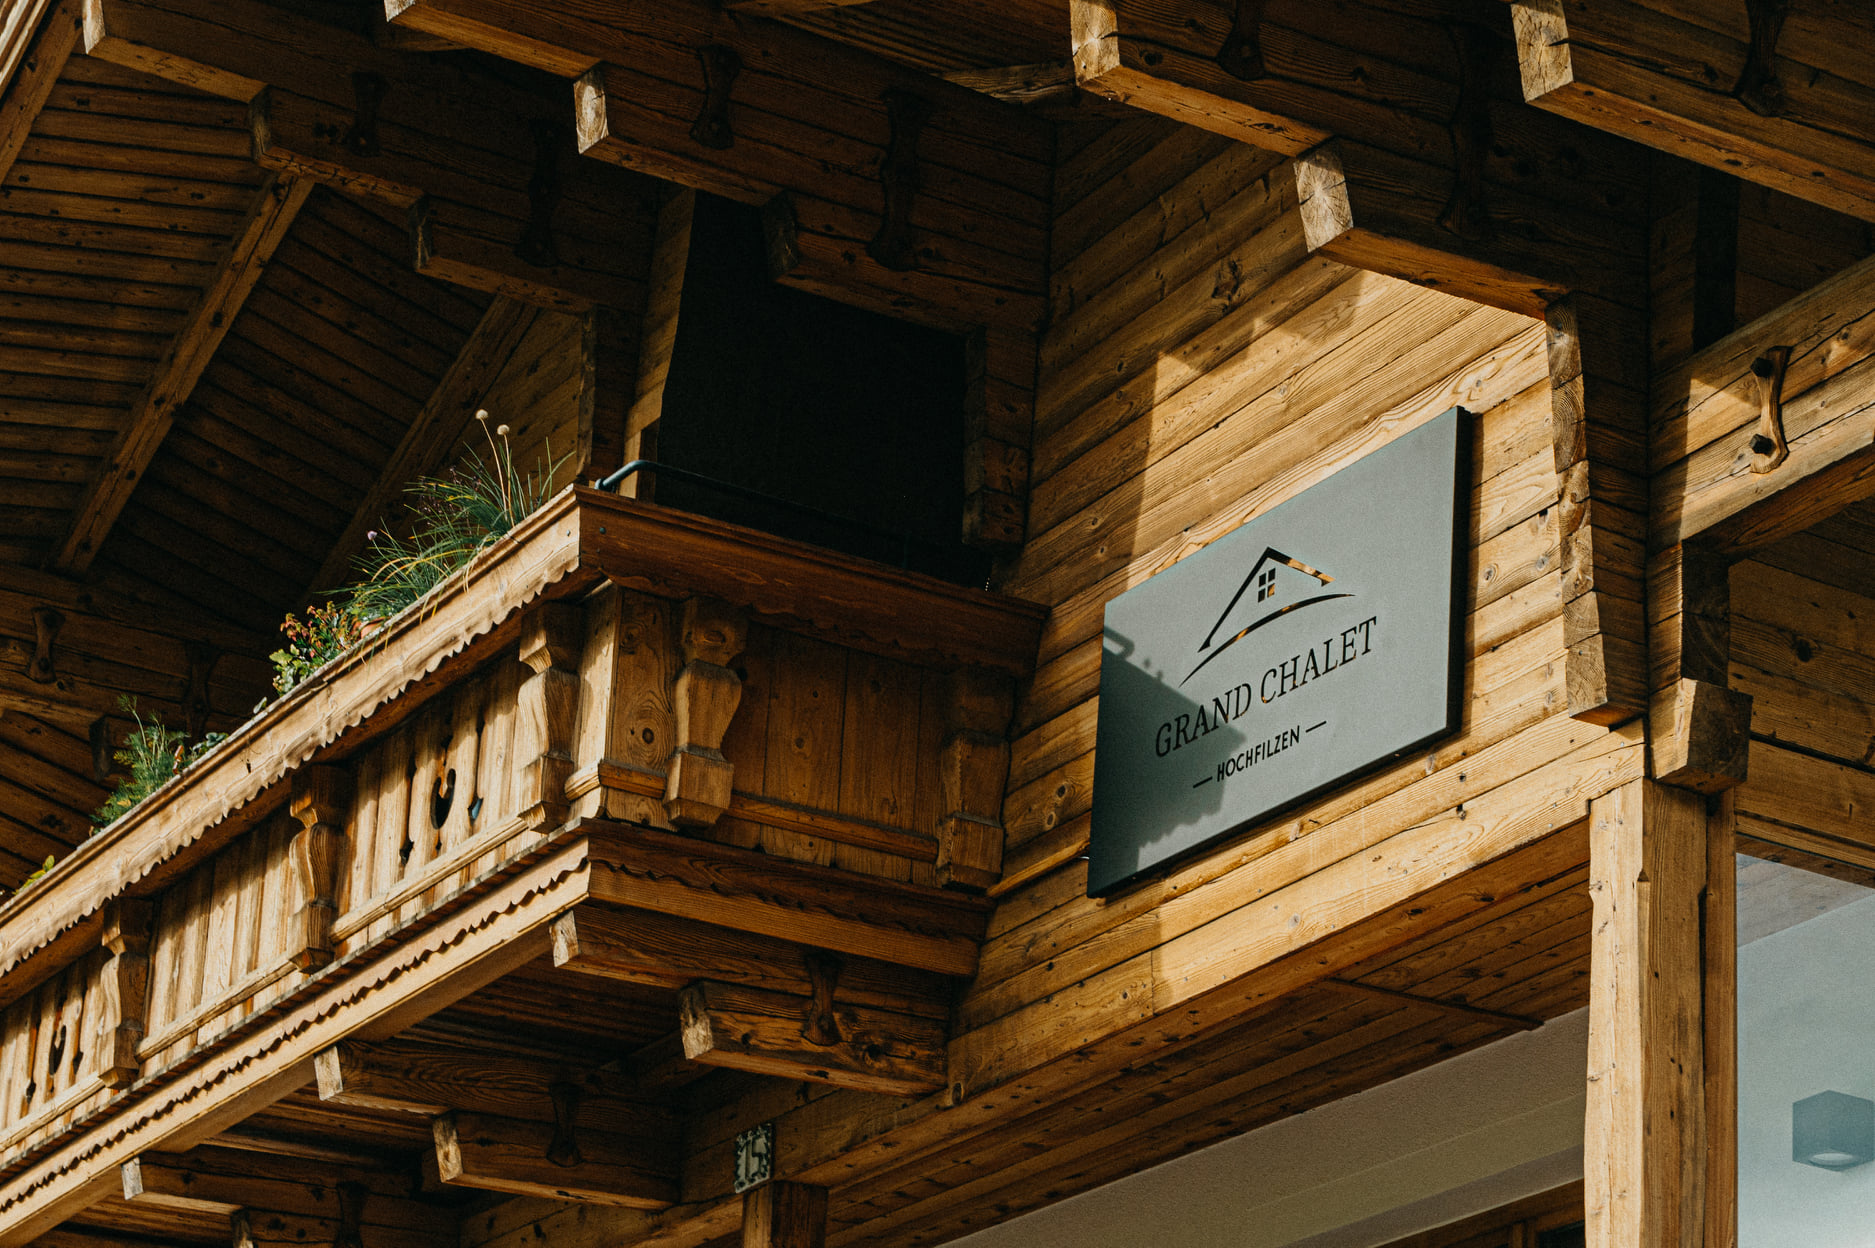 Grand Chalet Hochfilzen